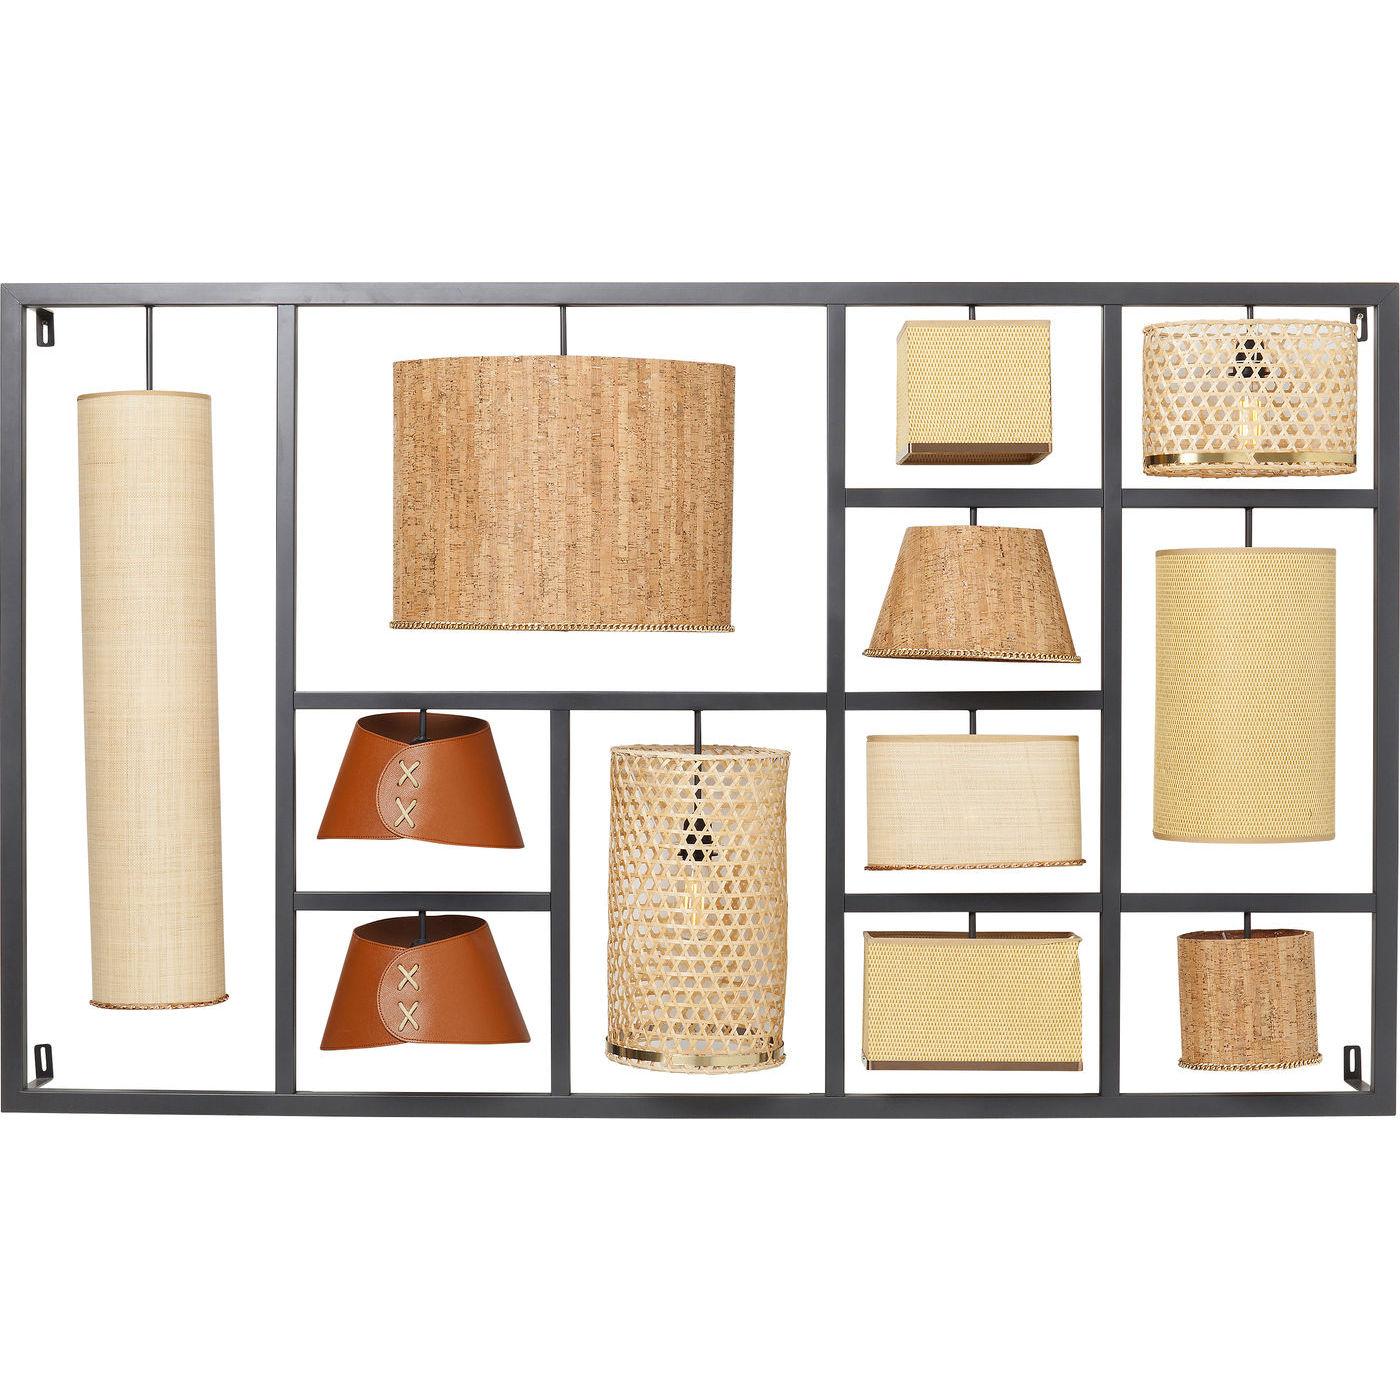 kare design – Kare design parecchi nature væglampe - natur stof/kork/plastik og stål på boboonline.dk